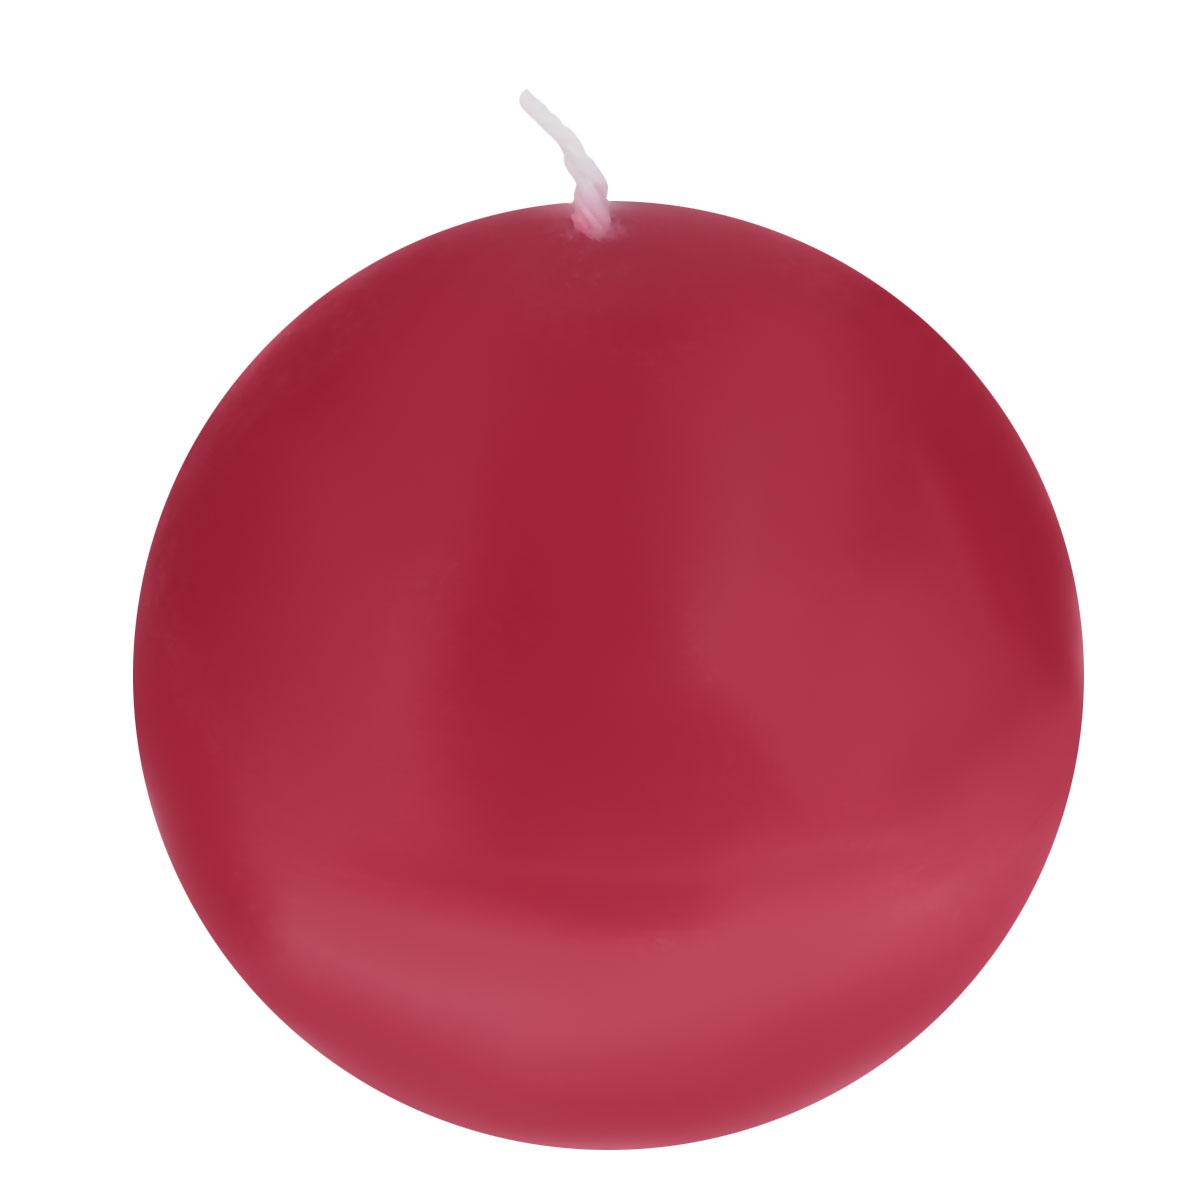 Свеча декоративная Proffi Шар, цвет: бордовый, диаметр 7,5 см proffi films pfm021